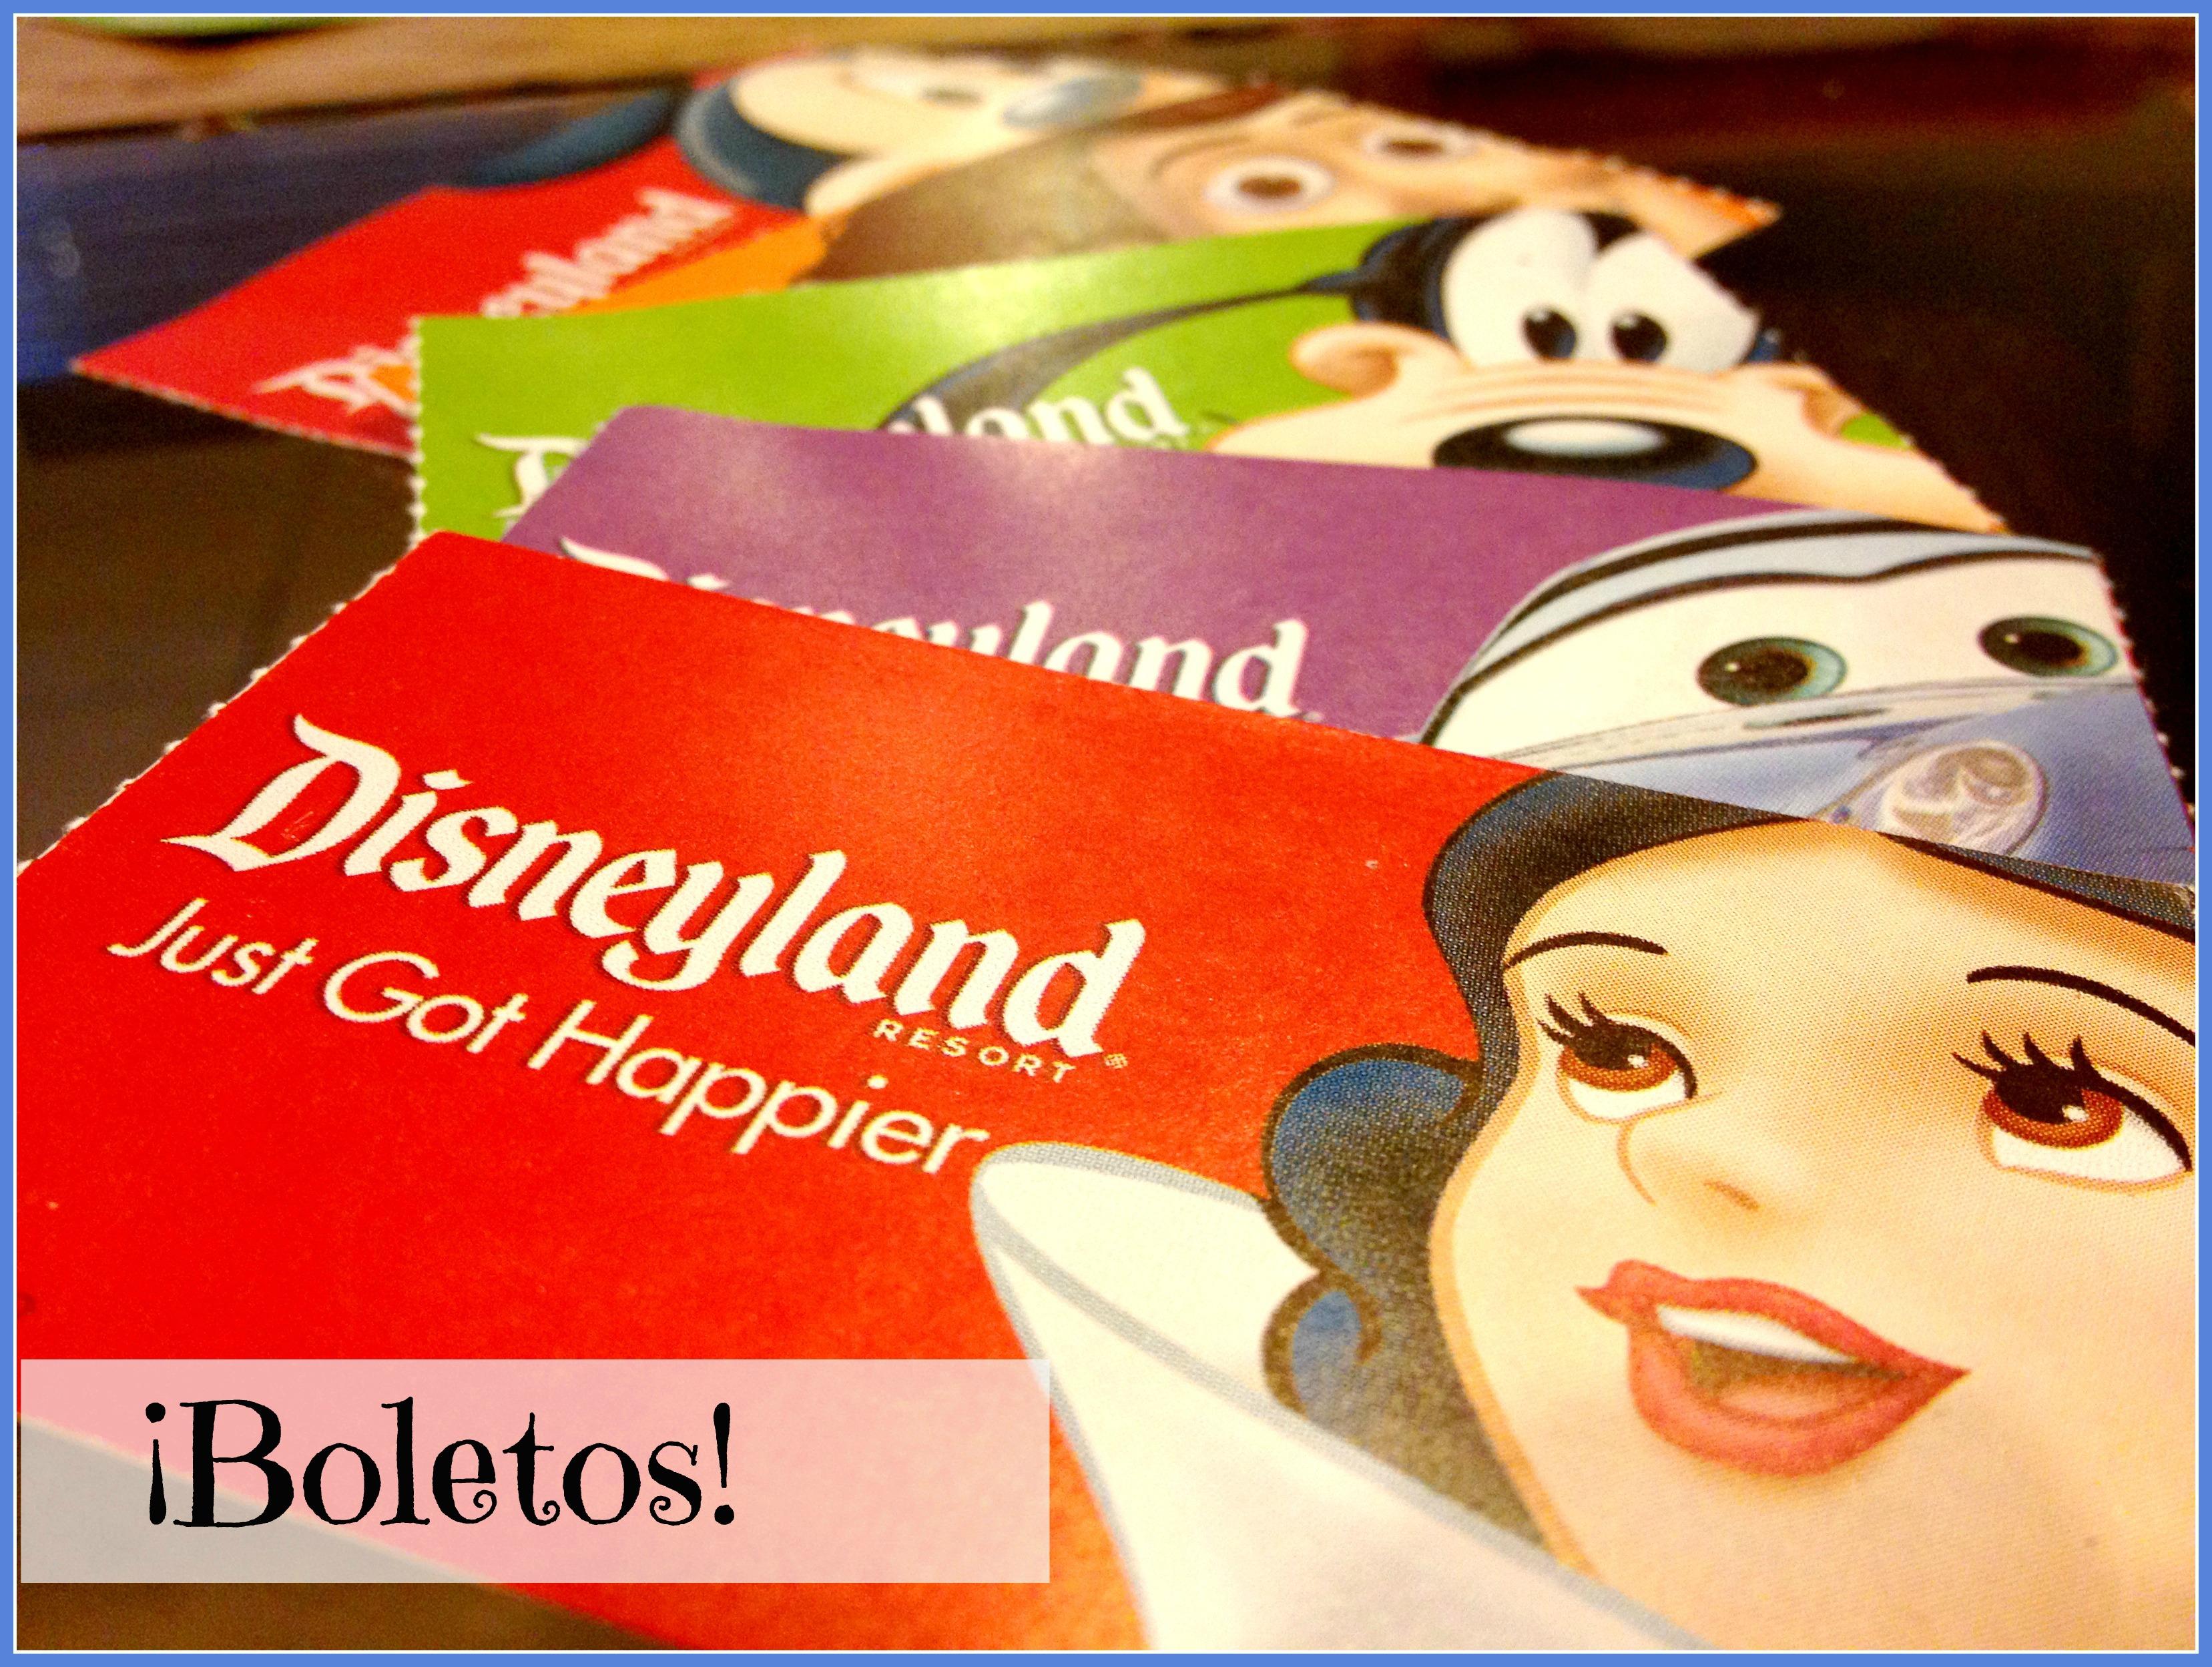 ¿Cuánto cuestan los boletos para Disneylandia? {REVISADO 5/2014}